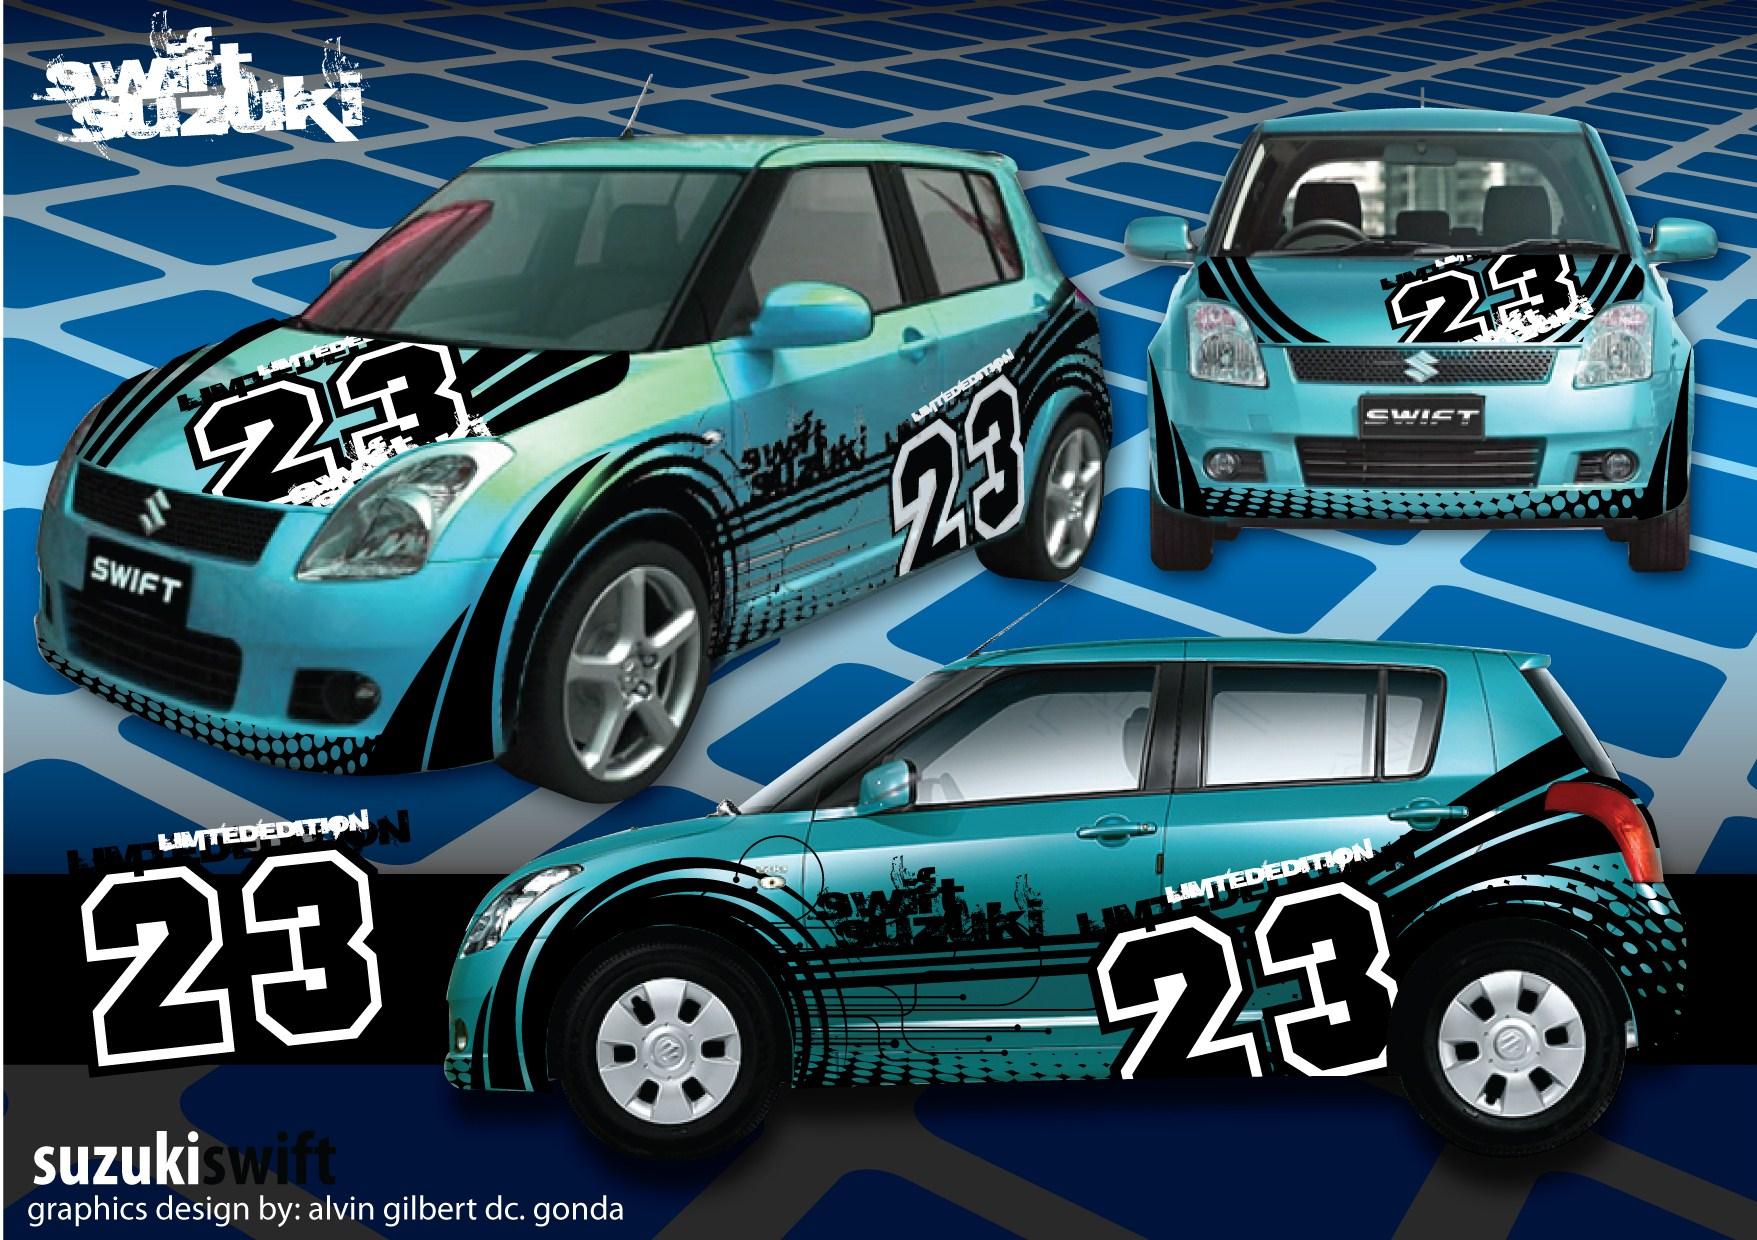 Car decals and graphics design - Auto Graphic Design